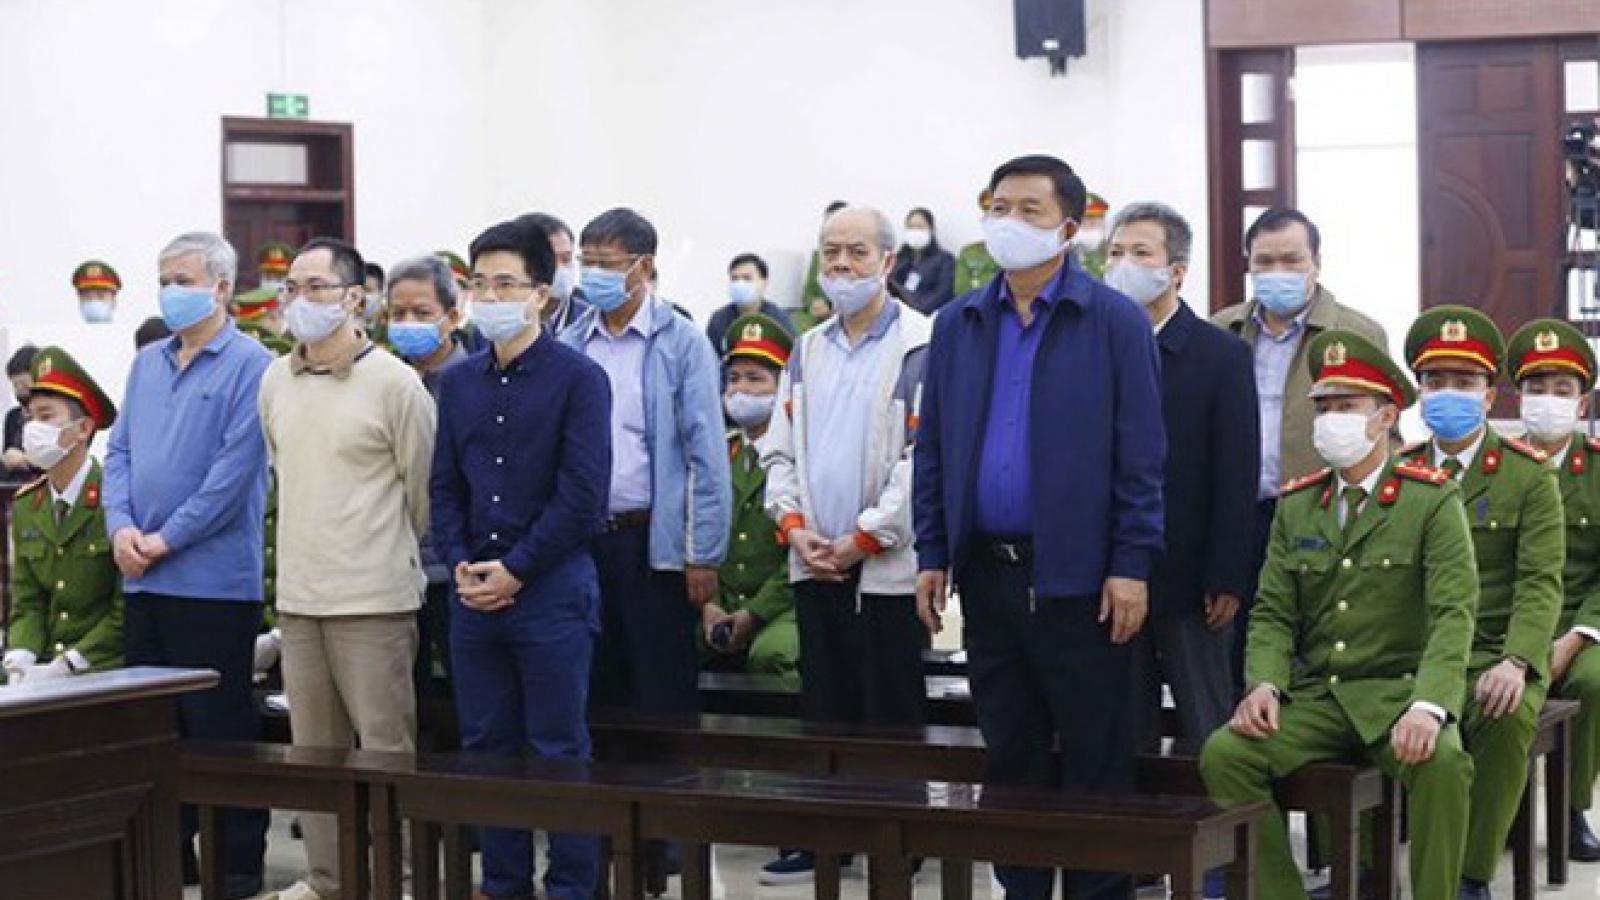 Ngày 5/8 mở phiên xử phúc thẩm vụ án Ethanol Phú Thọ